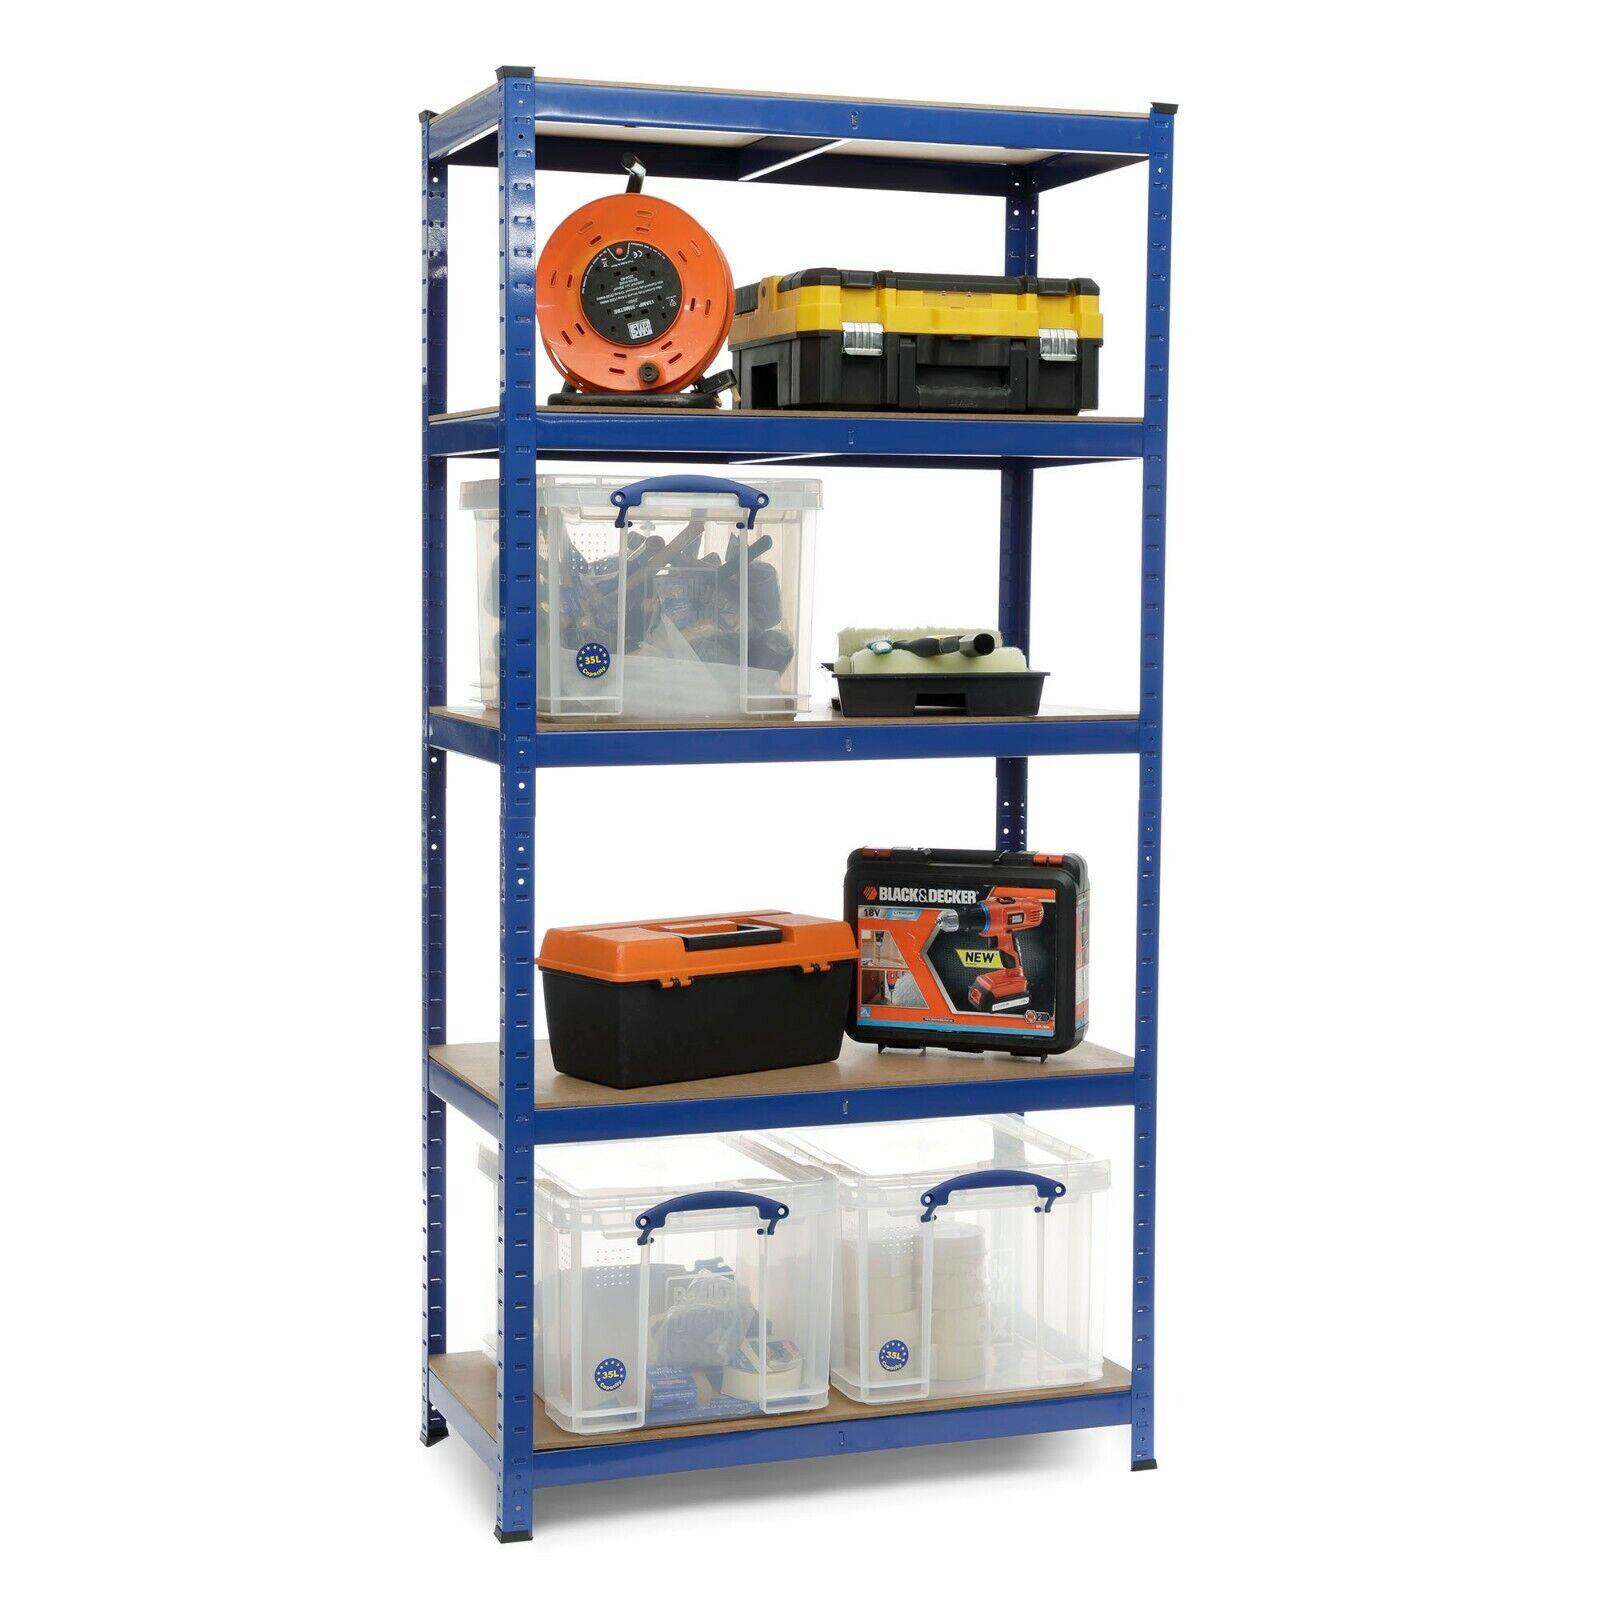 TETTOIA Garage MCD005 SCAFFALI SCAFFALATURE 5 livelli 1800mm H x 900mm W X 450mm D